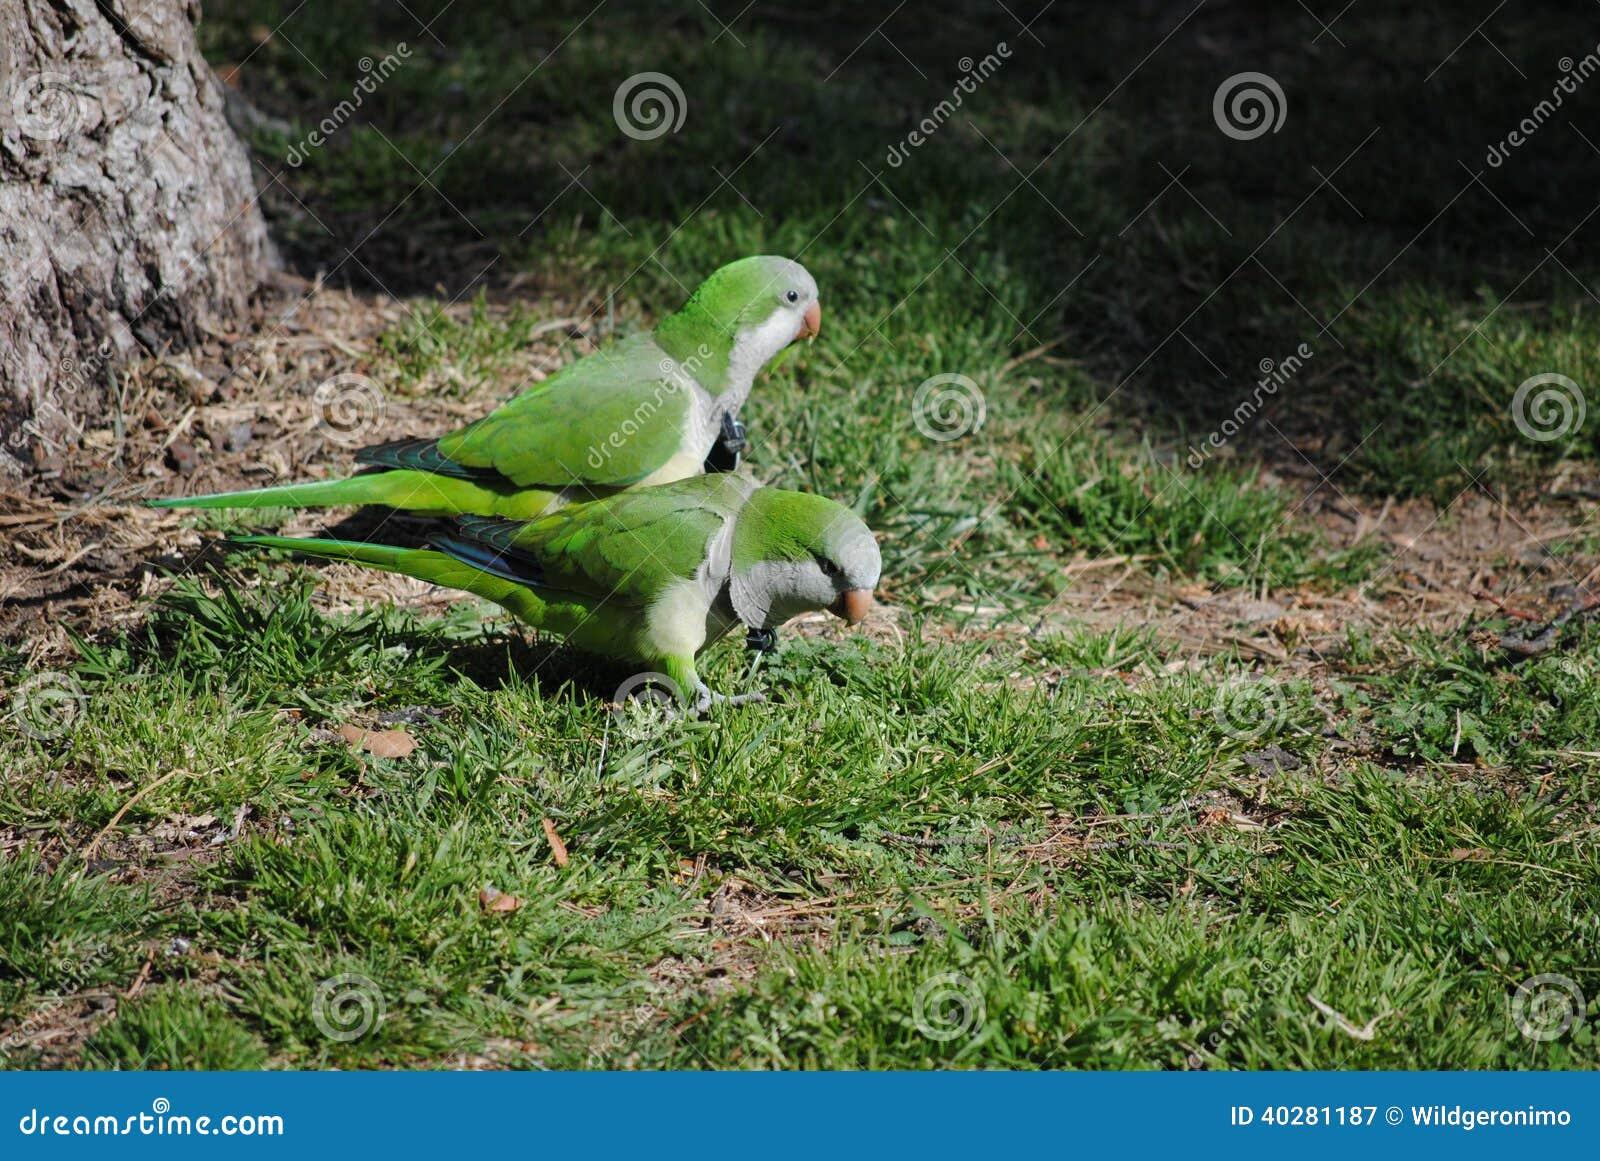 Длиннохвостый попугай монаха